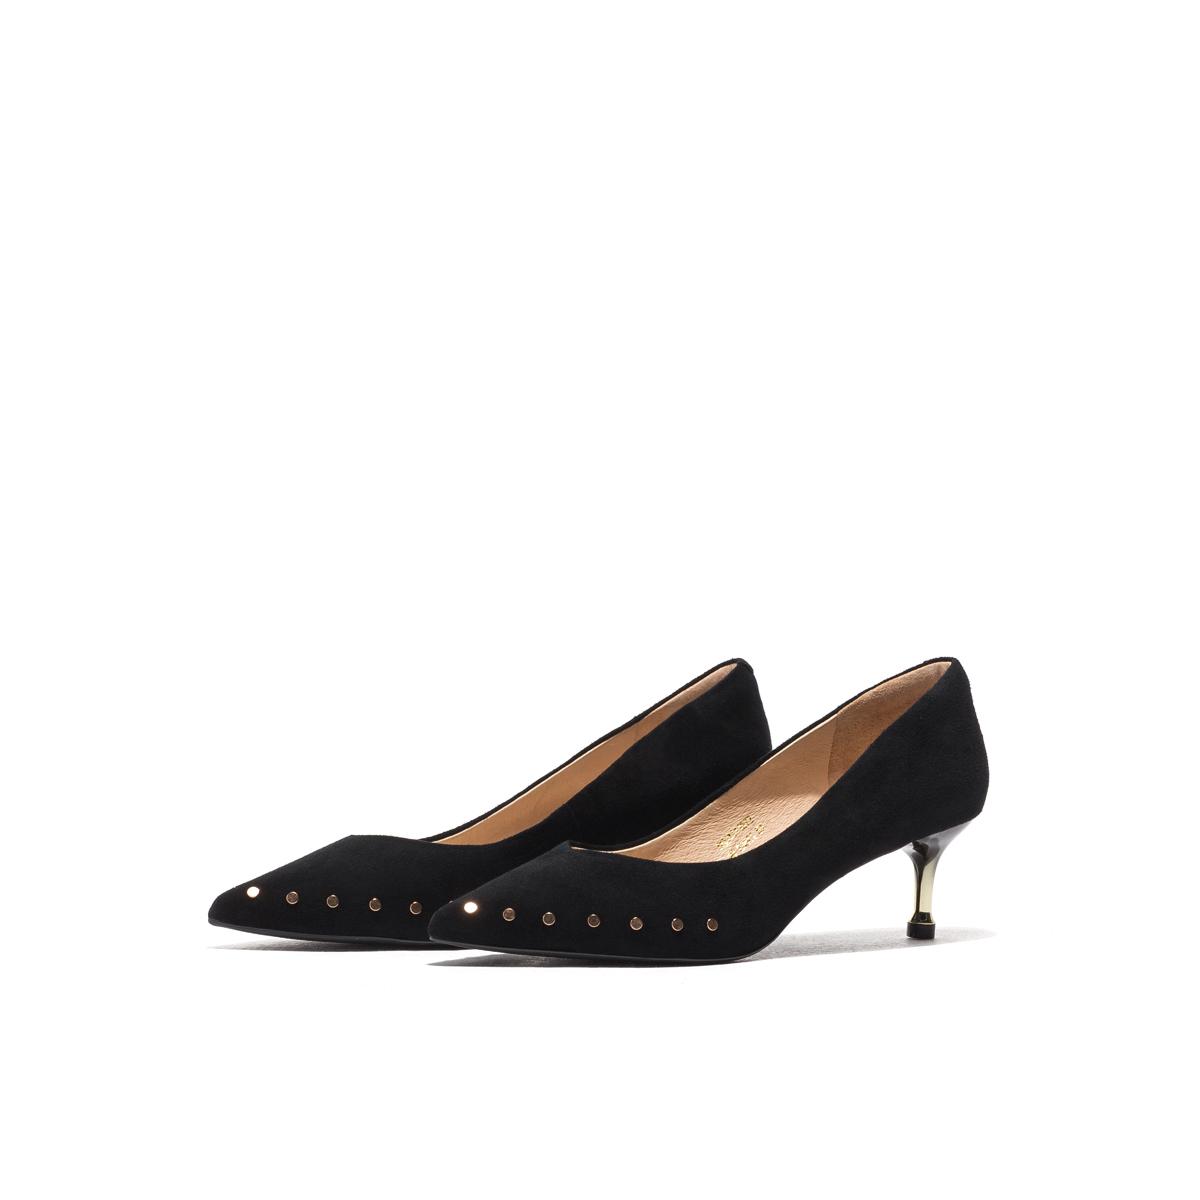 星期六尖头鞋 St&Sat星期六高跟鞋女2020新款铆钉尖头细跟单鞋SS01111572_推荐淘宝好看的女星期六尖头鞋